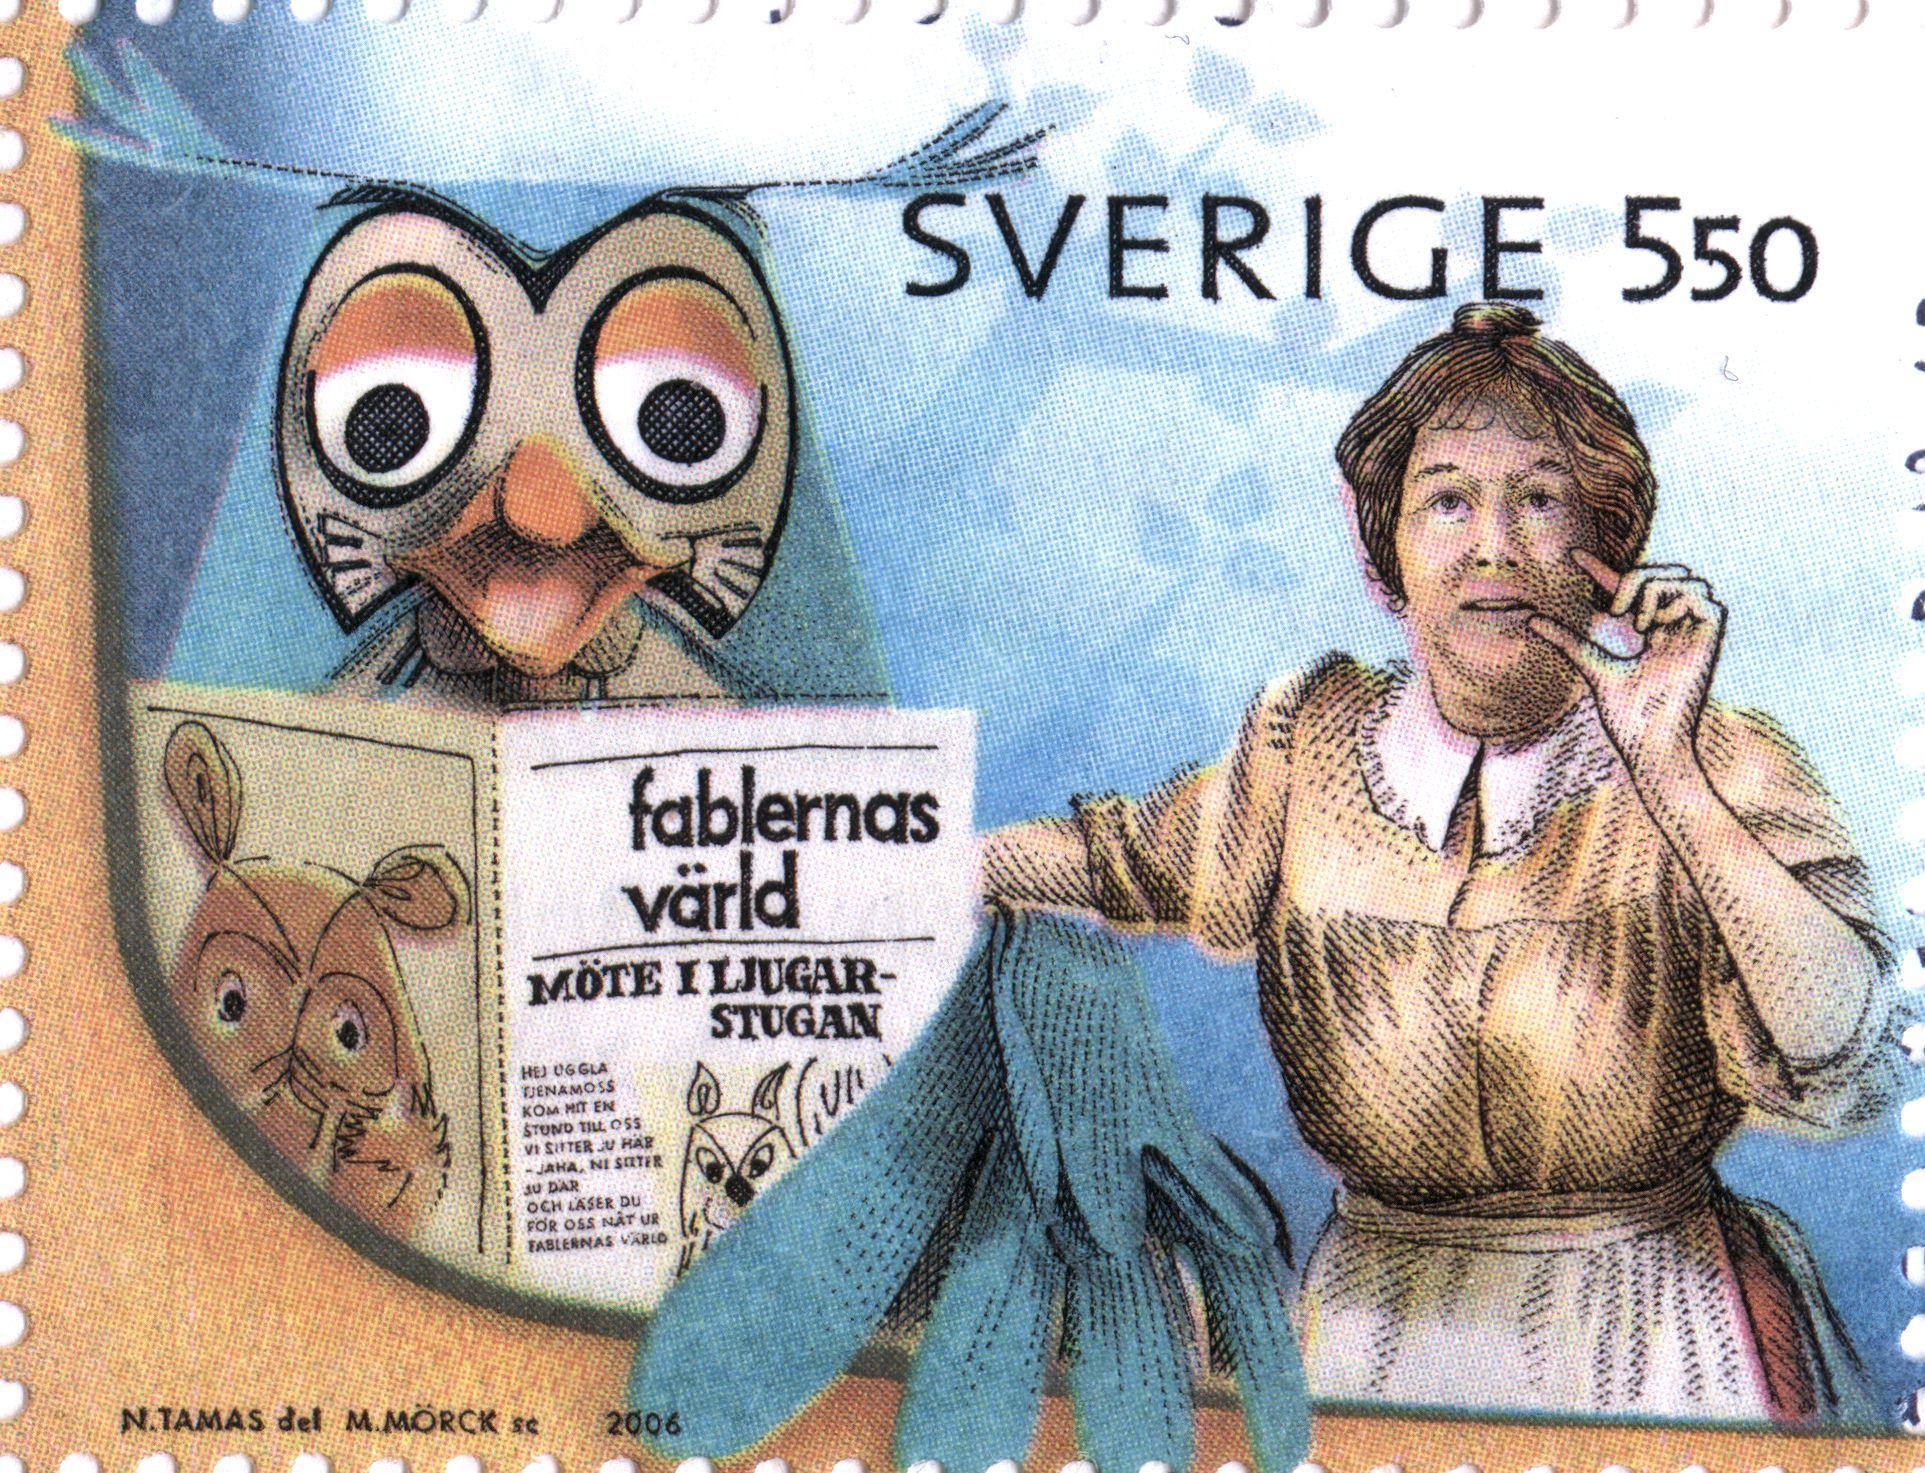 """Sweden 5kr50ö """"Childrens Television"""" 2006. """"I fablernas värld""""/""""The Daily Fable"""" (Dutch: Fabeltjeskrant) & Alf Prøysens """"Teskedsgumman""""/""""Mrs Pepperpot"""" (Norwegian: """"Teskjekerringa""""). Martin Mörck sc."""